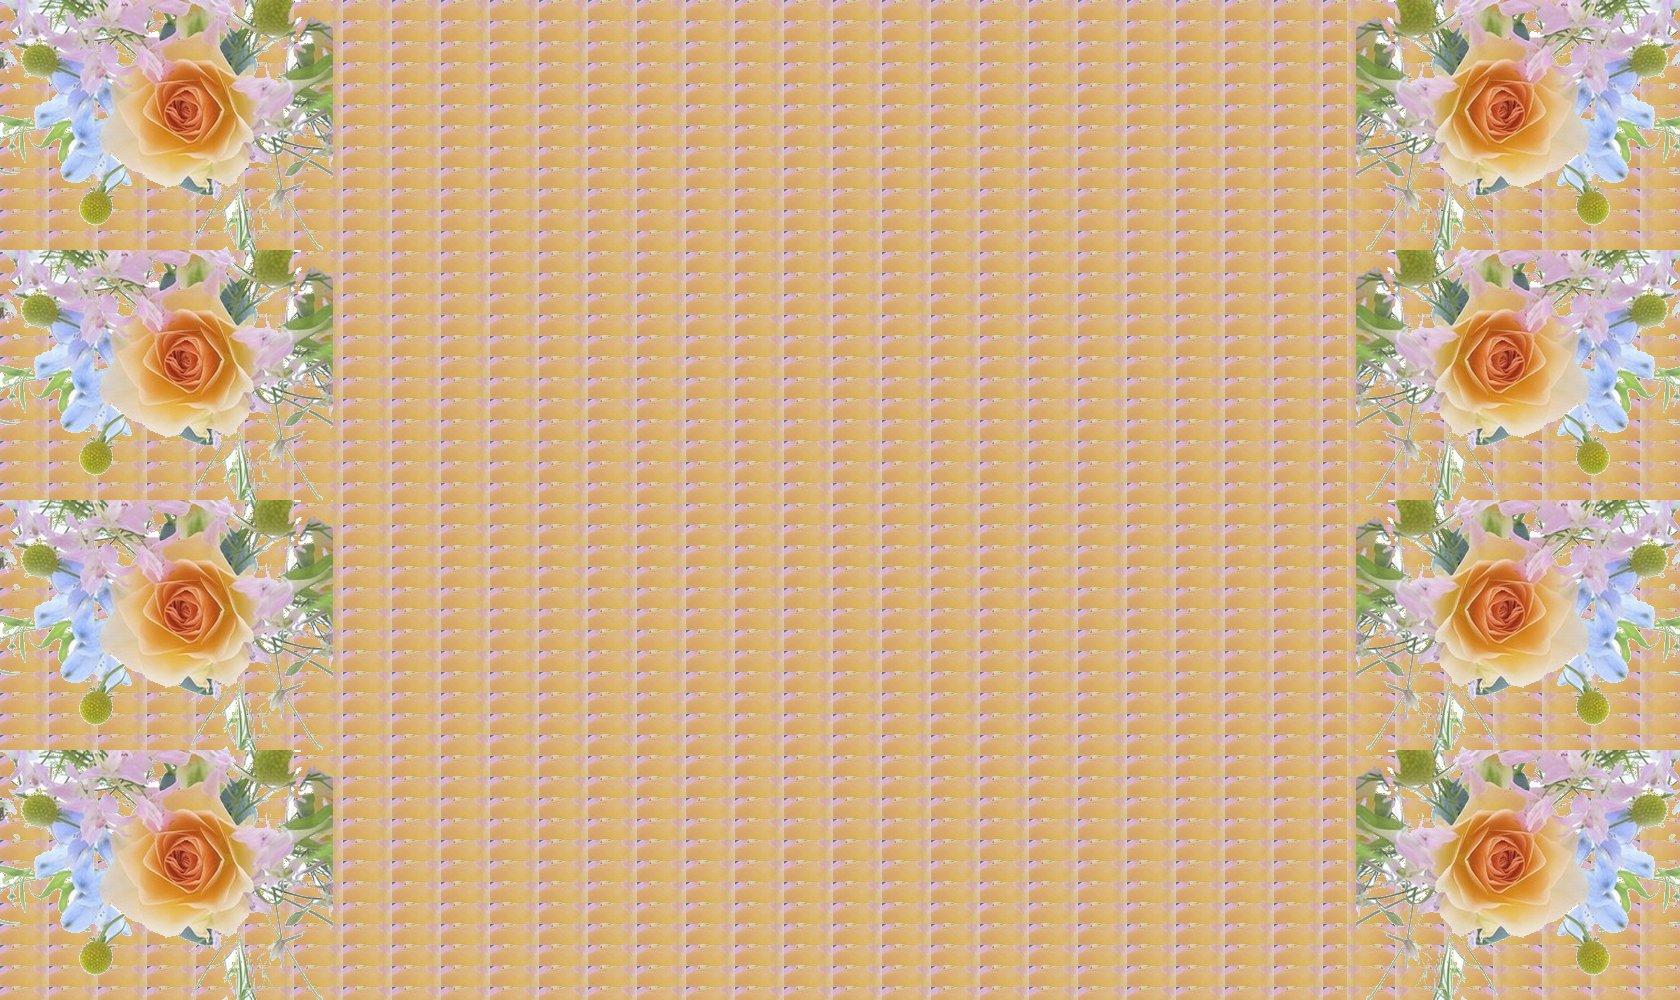 http://moniquebeauchamp.org/img4/fond-daniellelacour-rose-orange-1680-1000..jpg